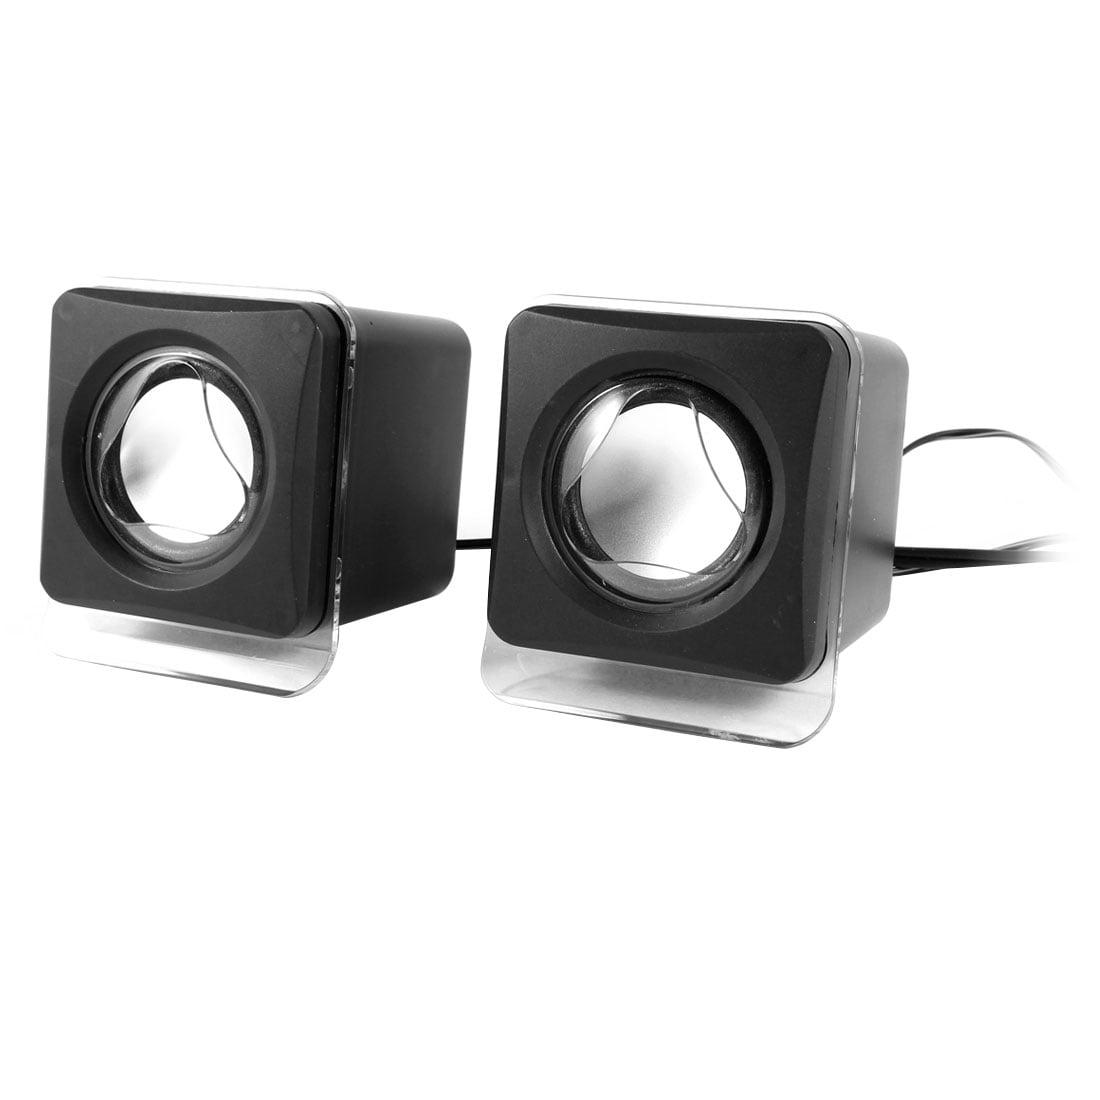 Unique Bargains Black Volume Control 2.0 Channel USB Portable Mini Cube Speaker Sound Box Pair